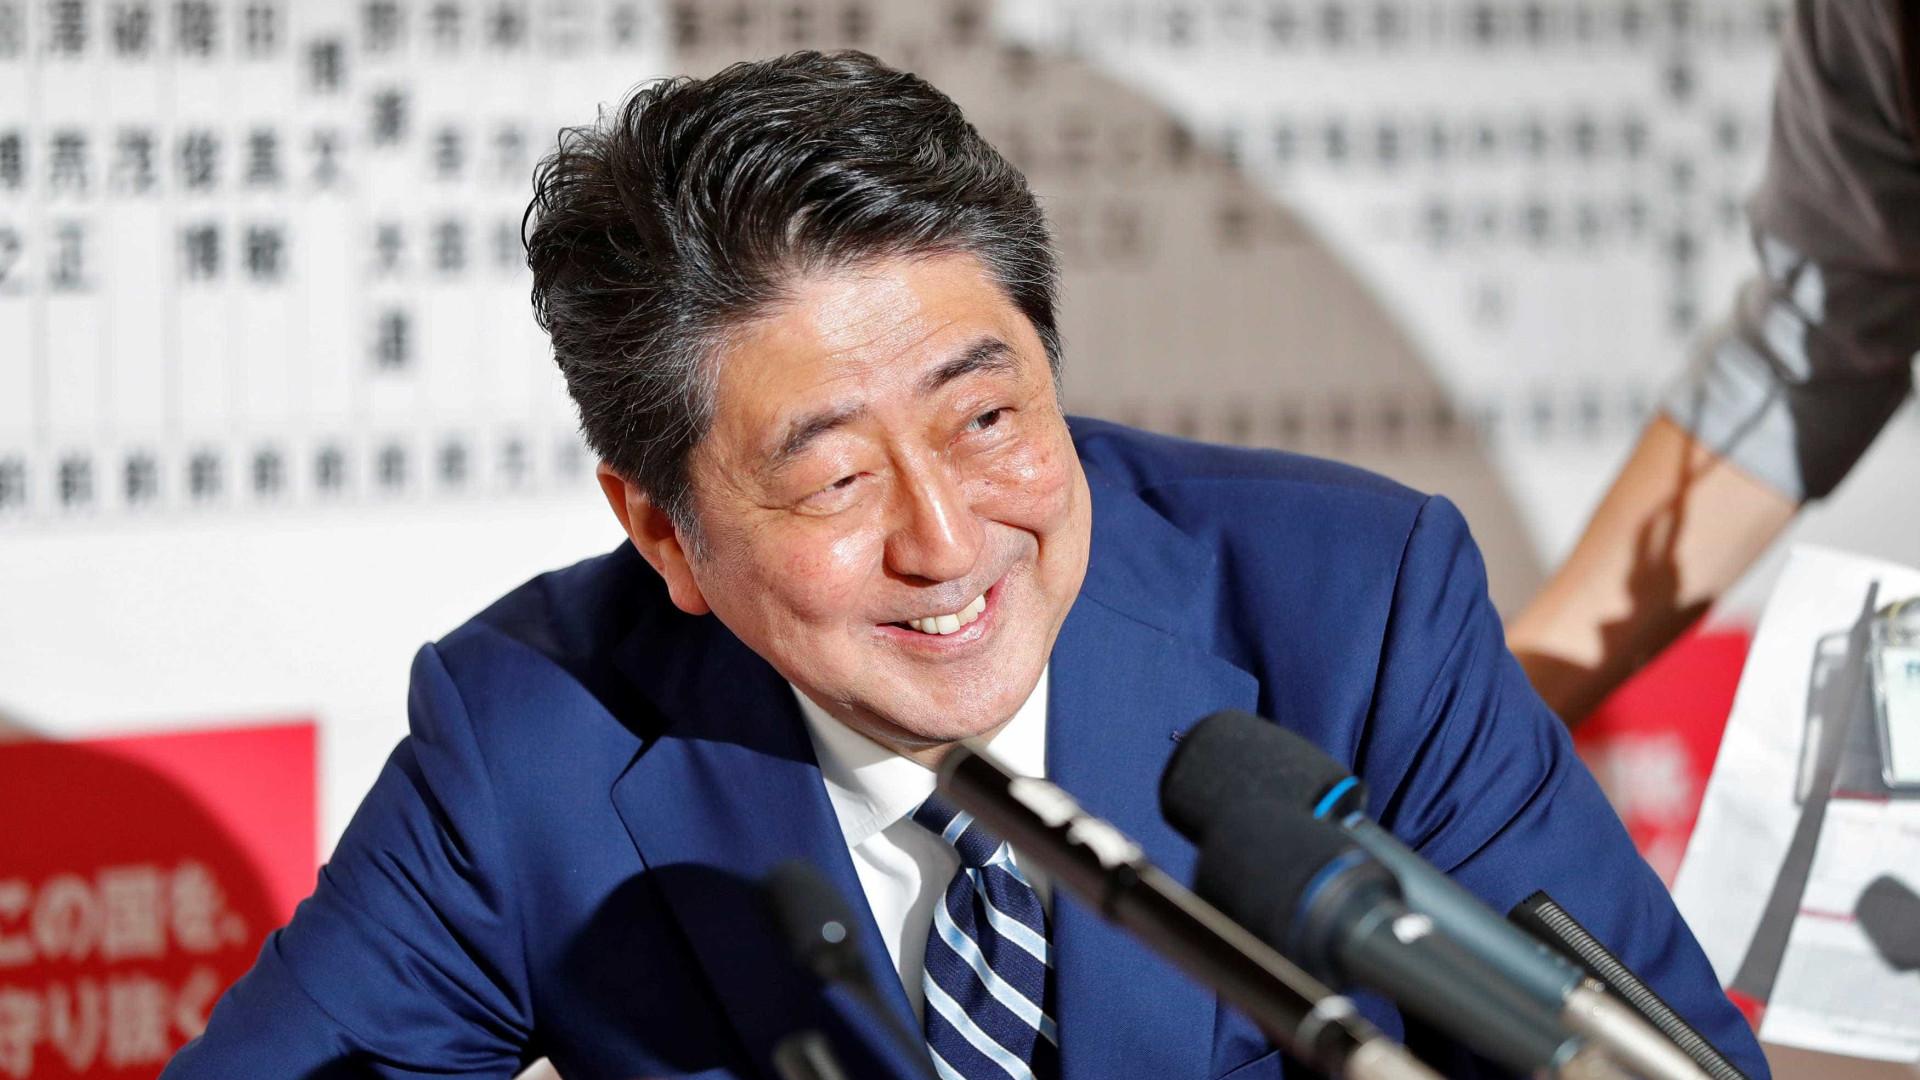 Primeiro-ministro ressurge forte e vence eleições antecipadas no Japão